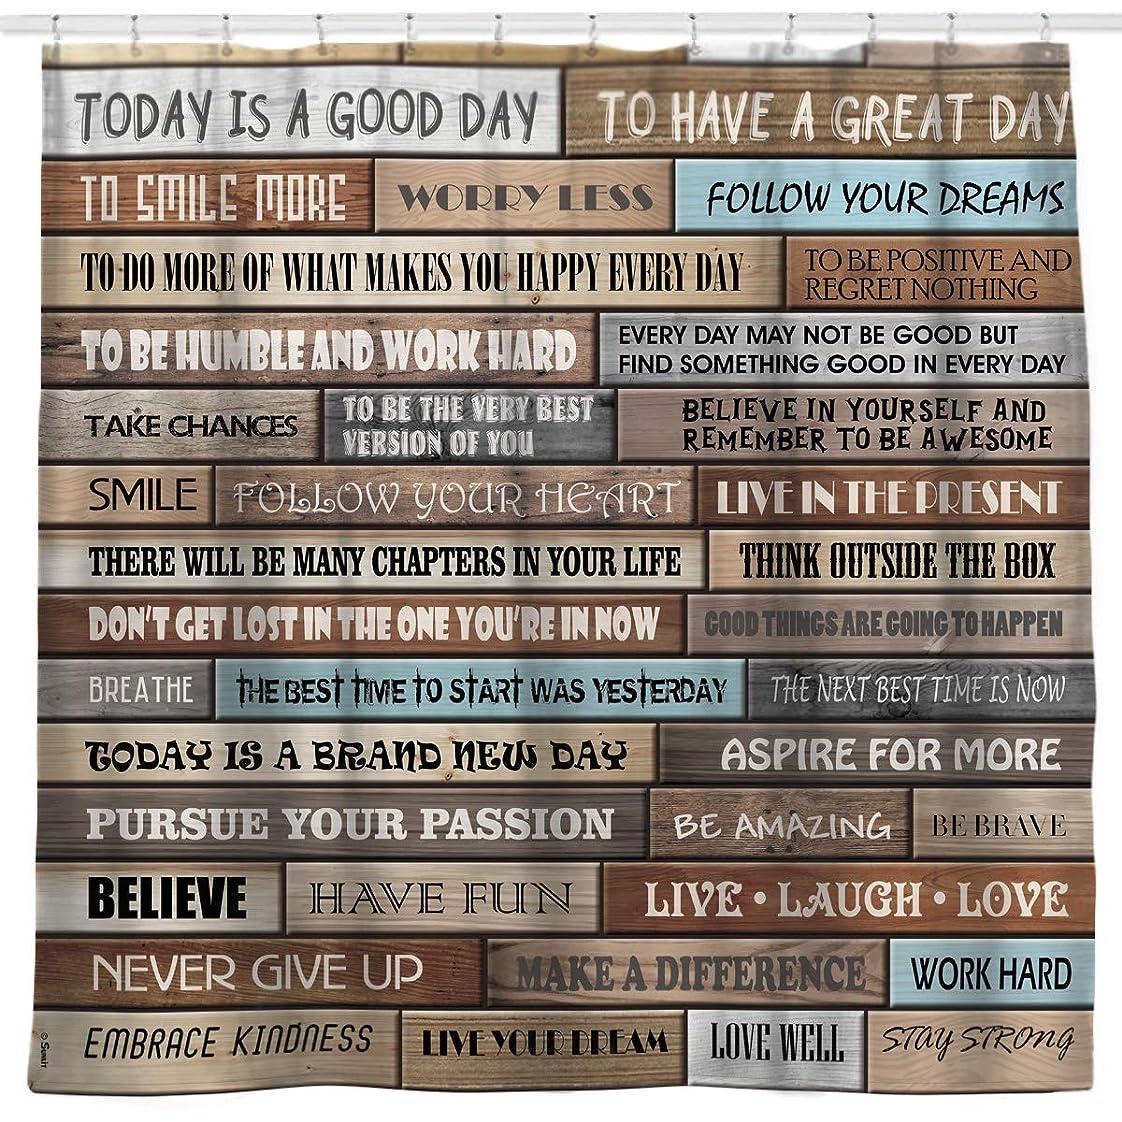 広々大理石聖域(Quotes Wood) - Sunlit Inspirational Motivational Happiness Quotes for Courage Be Awesome Poster Print Rustic Cabin Shower Curtain Teak Closet Curtain Home Bathroom Decor Fabric Quote Tapestry